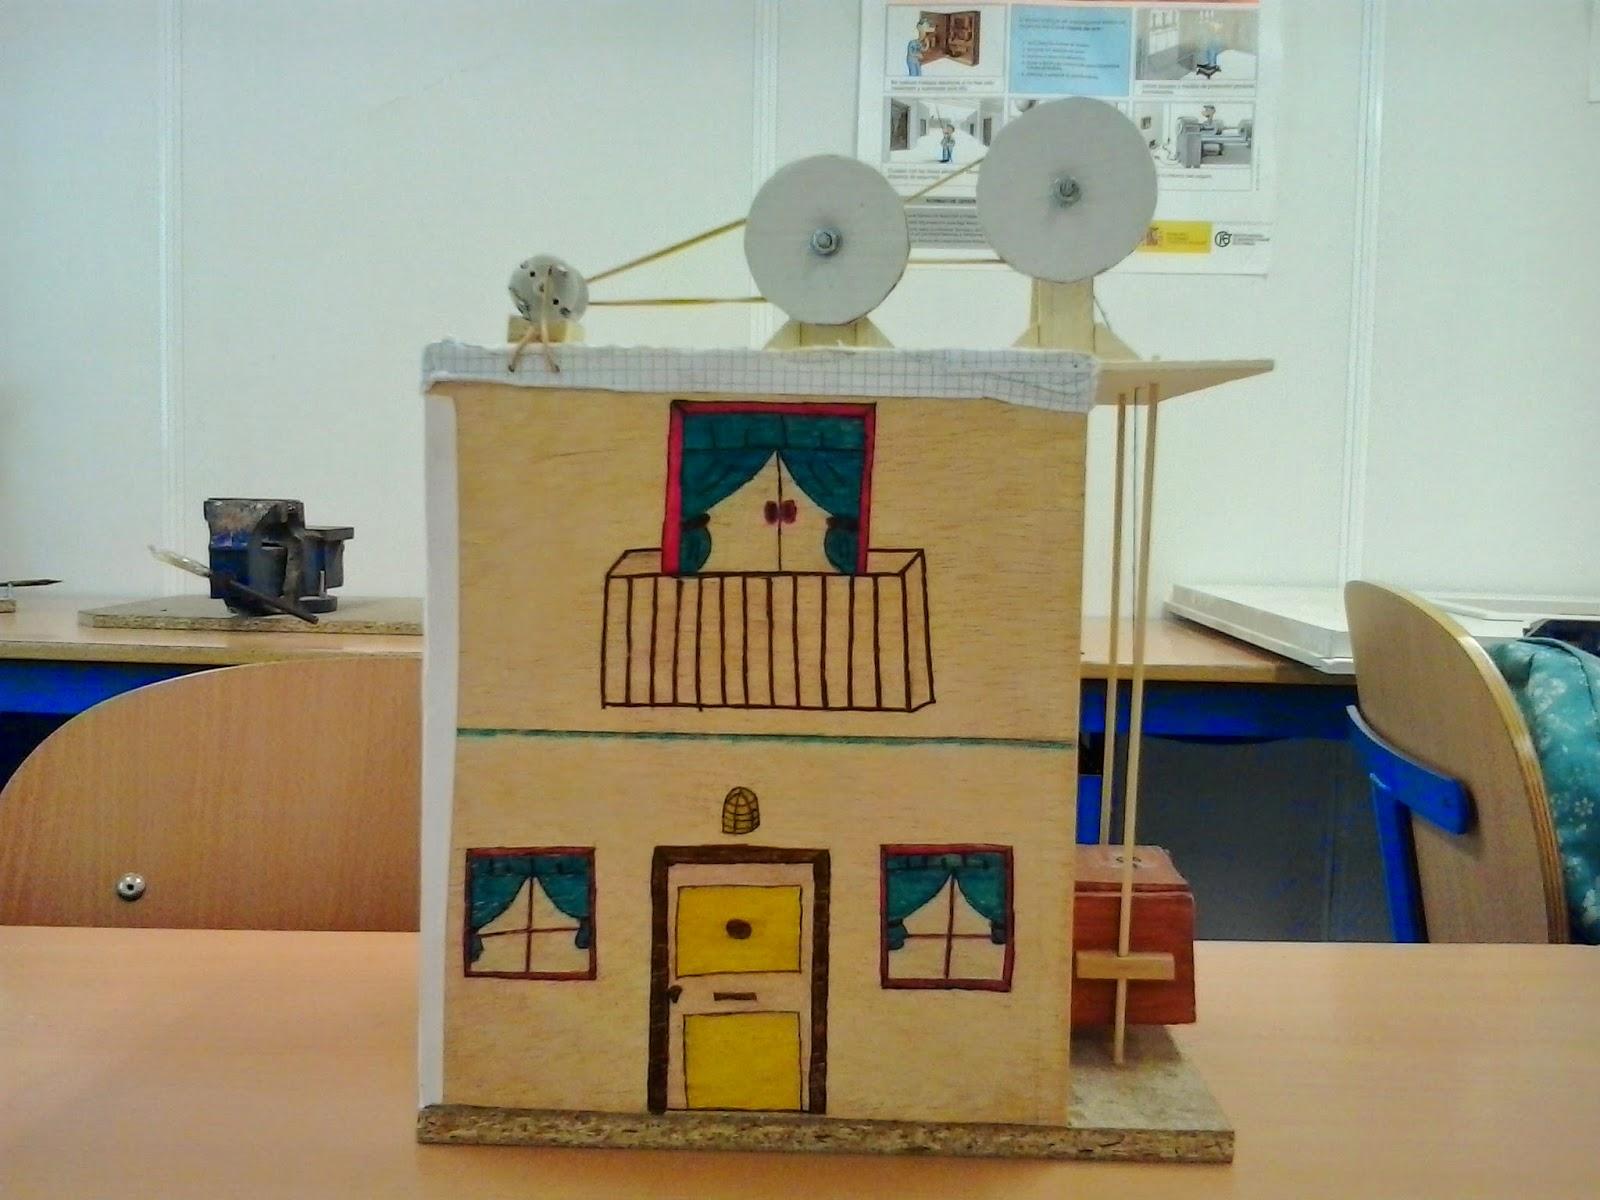 Proyectos de tecnolog a casa con ascensor - Proyectos para construir una casa ...